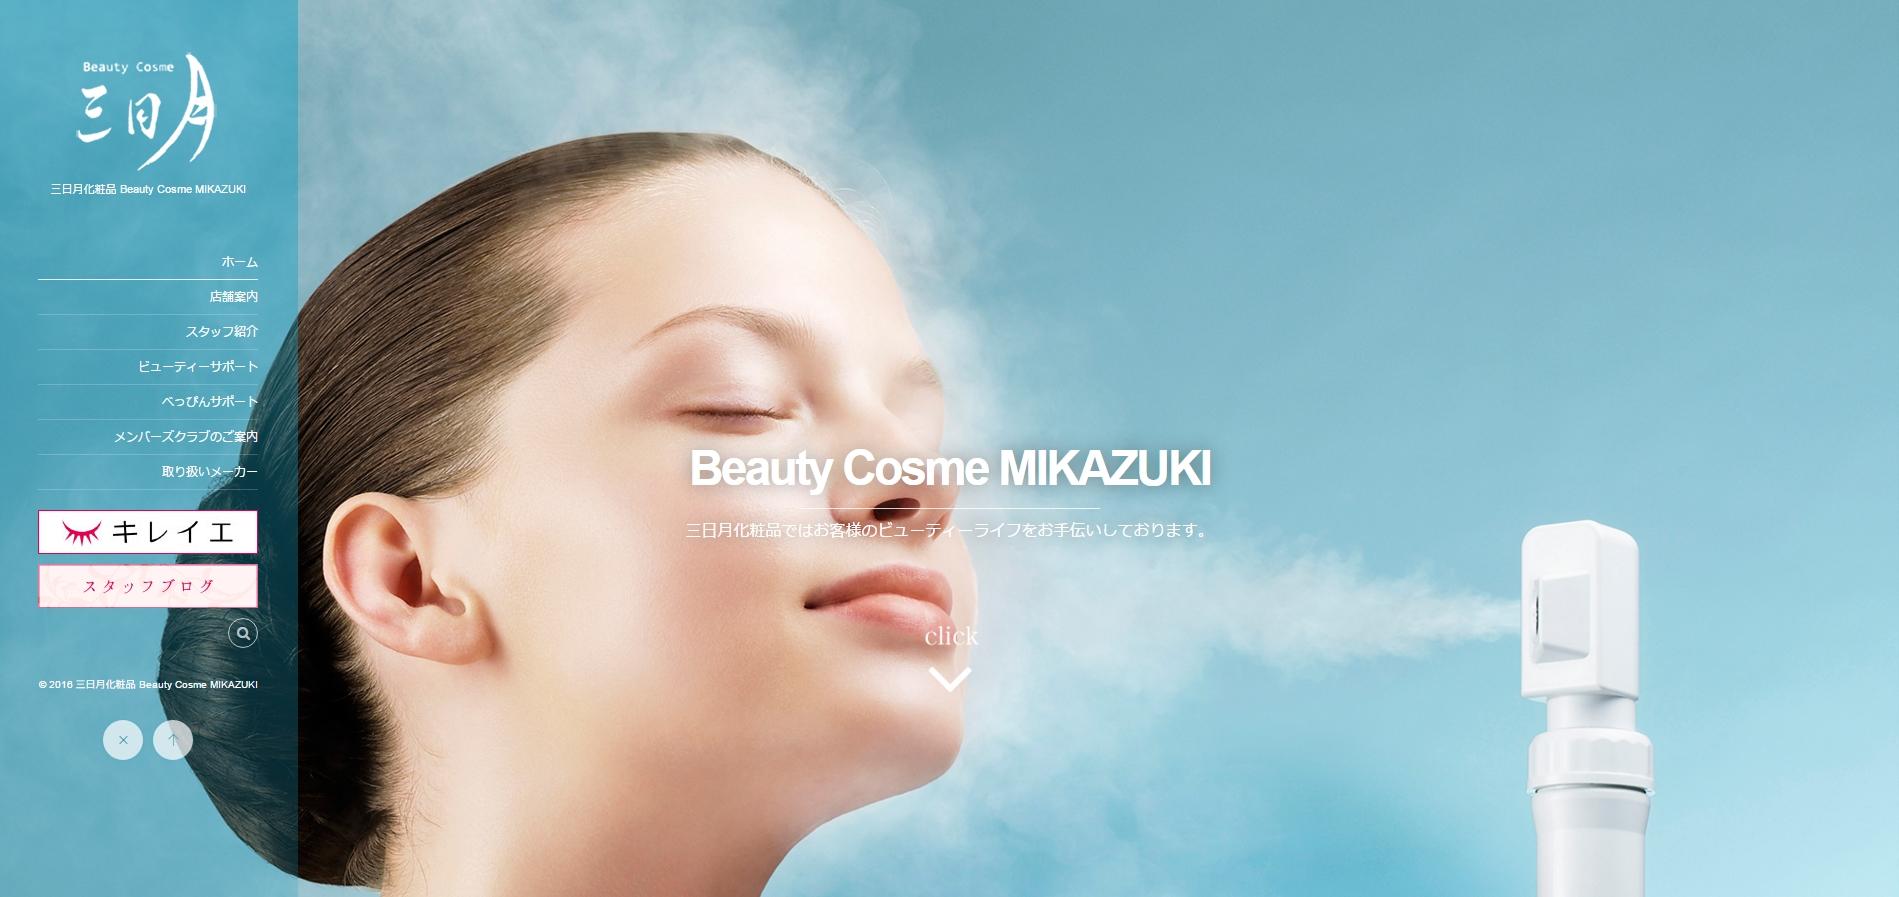 三日月化粧品ホームページをリニューアルいたしました。